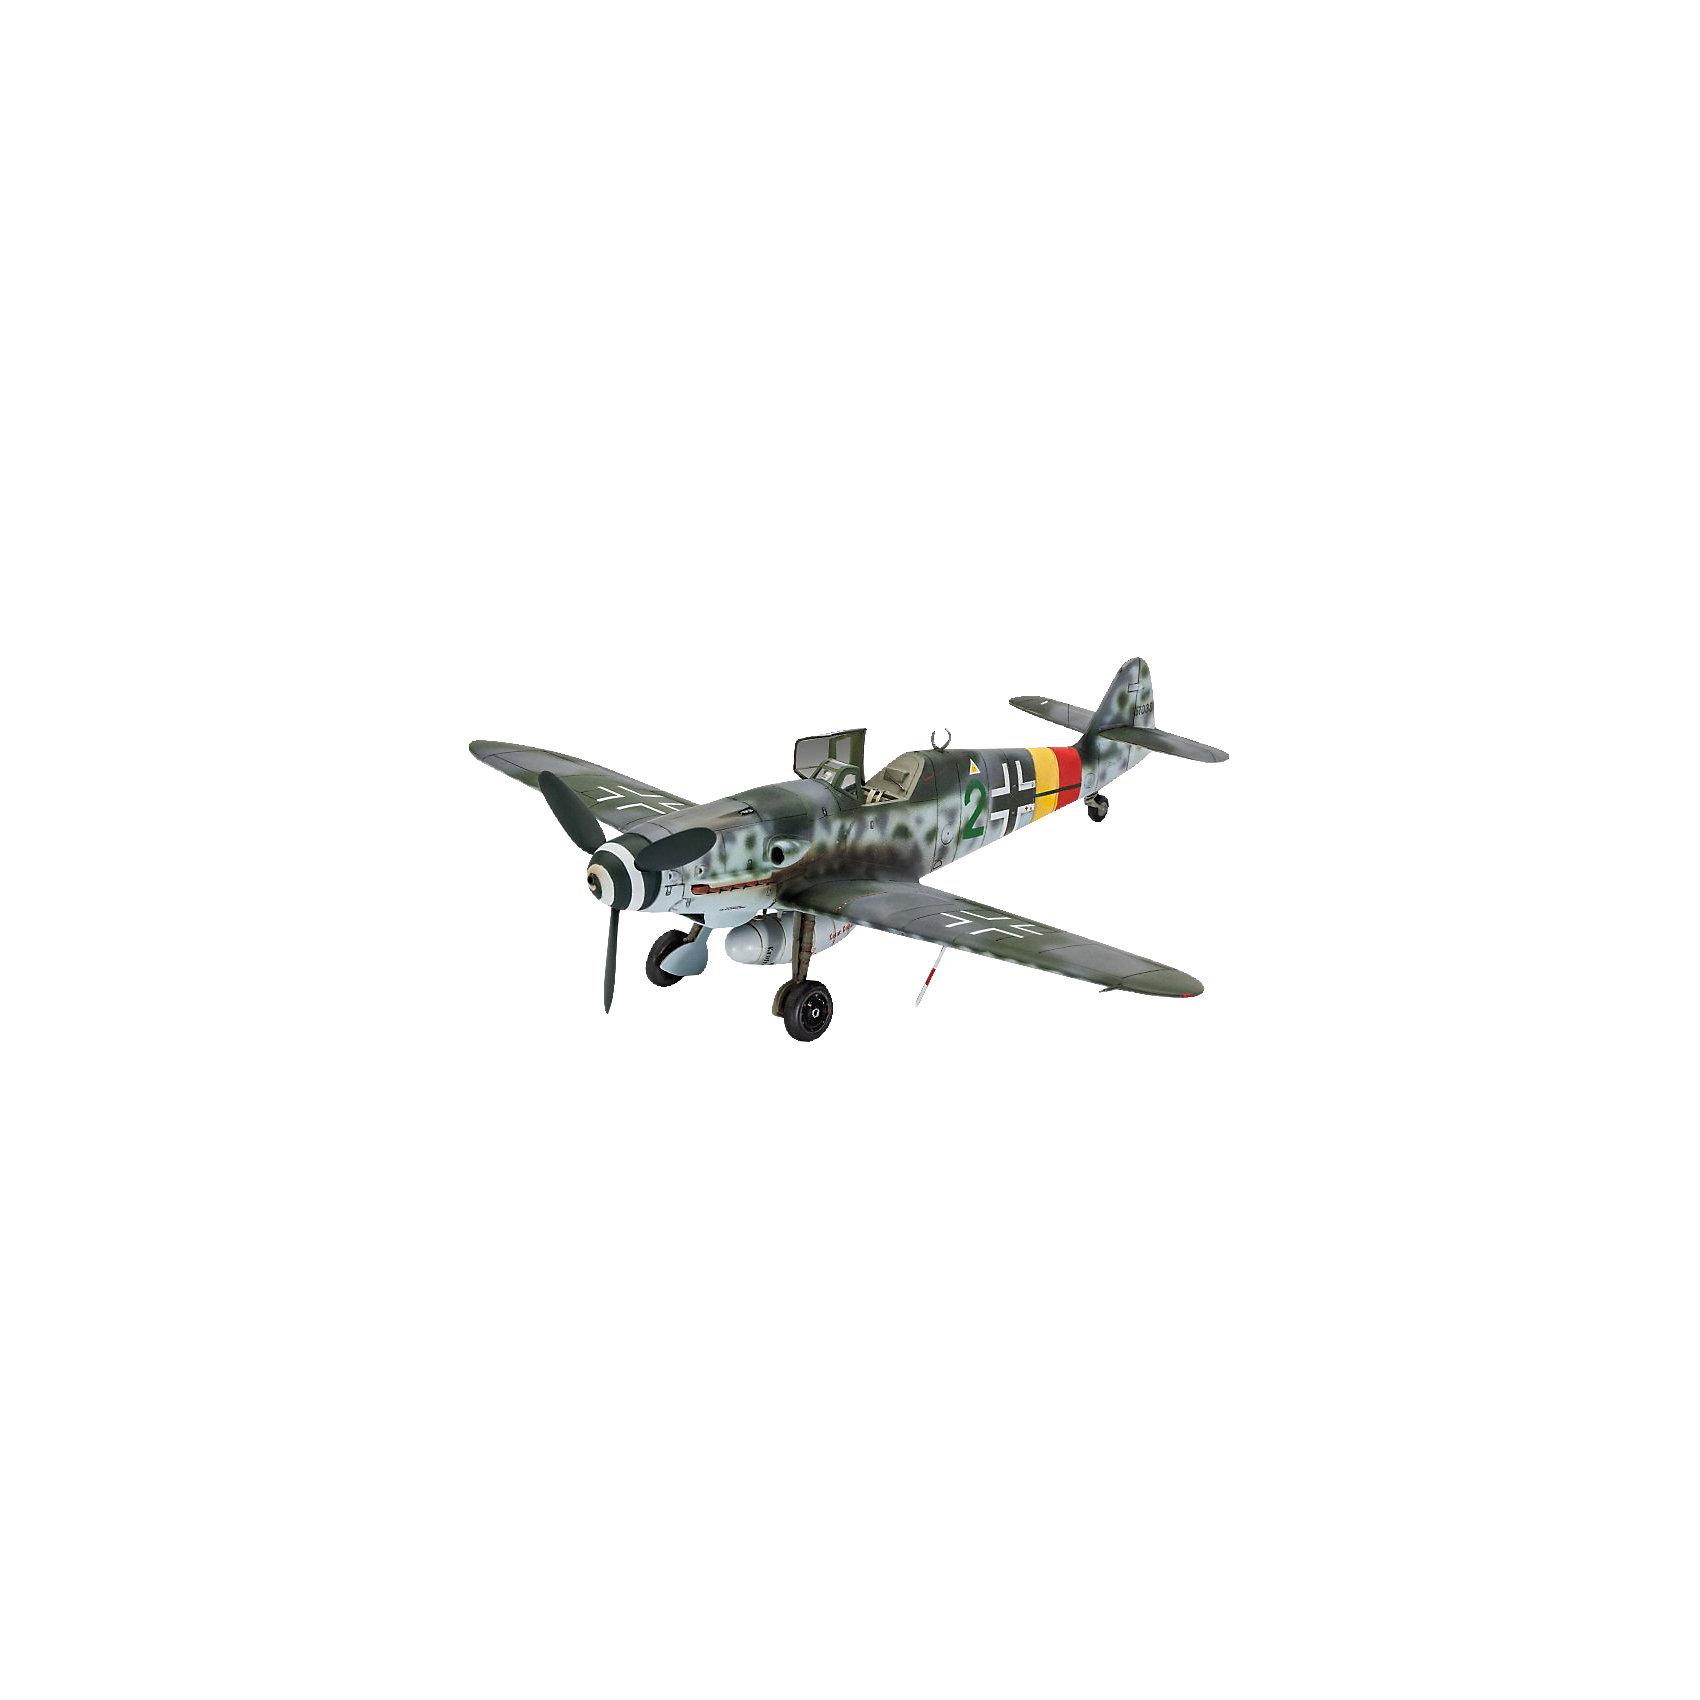 Истребитель Мессершмитт Bf.109 G-10Модели для склеивания<br>Сборная модель немецкого истребителя Messerschmitt Bf 109 G-10 времен Второй мировой . <br>Детали самолета изготовлены из пластика. Их необходимо самостоятельно собрать. Для этого рекомендуется использовать клей для пластика. После этого модель необходимо будет покрасить. Для этой цели лучше использовать акриловую или эмалевую краску Ревелл. Все расходные материалы и инструменты приобретаются отдельно. В набор они не входят. <br>Масштаб модели 1/48<br>Длина модели в собранном виде: 19 сантиметров <br>Размах крыльев: 20 сантиметров  <br>Количество деталей: 40 <br>Декаль для постройки модели в версии   Messerschmitt Bf 109 G-10, IV./JG301, Stendal, Весна 1945 <br>Модель рекомендуется для взрослых и детей в возрасте от 10 лет<br><br>Ширина мм: 316<br>Глубина мм: 188<br>Высота мм: 50<br>Вес г: 208<br>Возраст от месяцев: 120<br>Возраст до месяцев: 192<br>Пол: Мужской<br>Возраст: Детский<br>SKU: 4470133